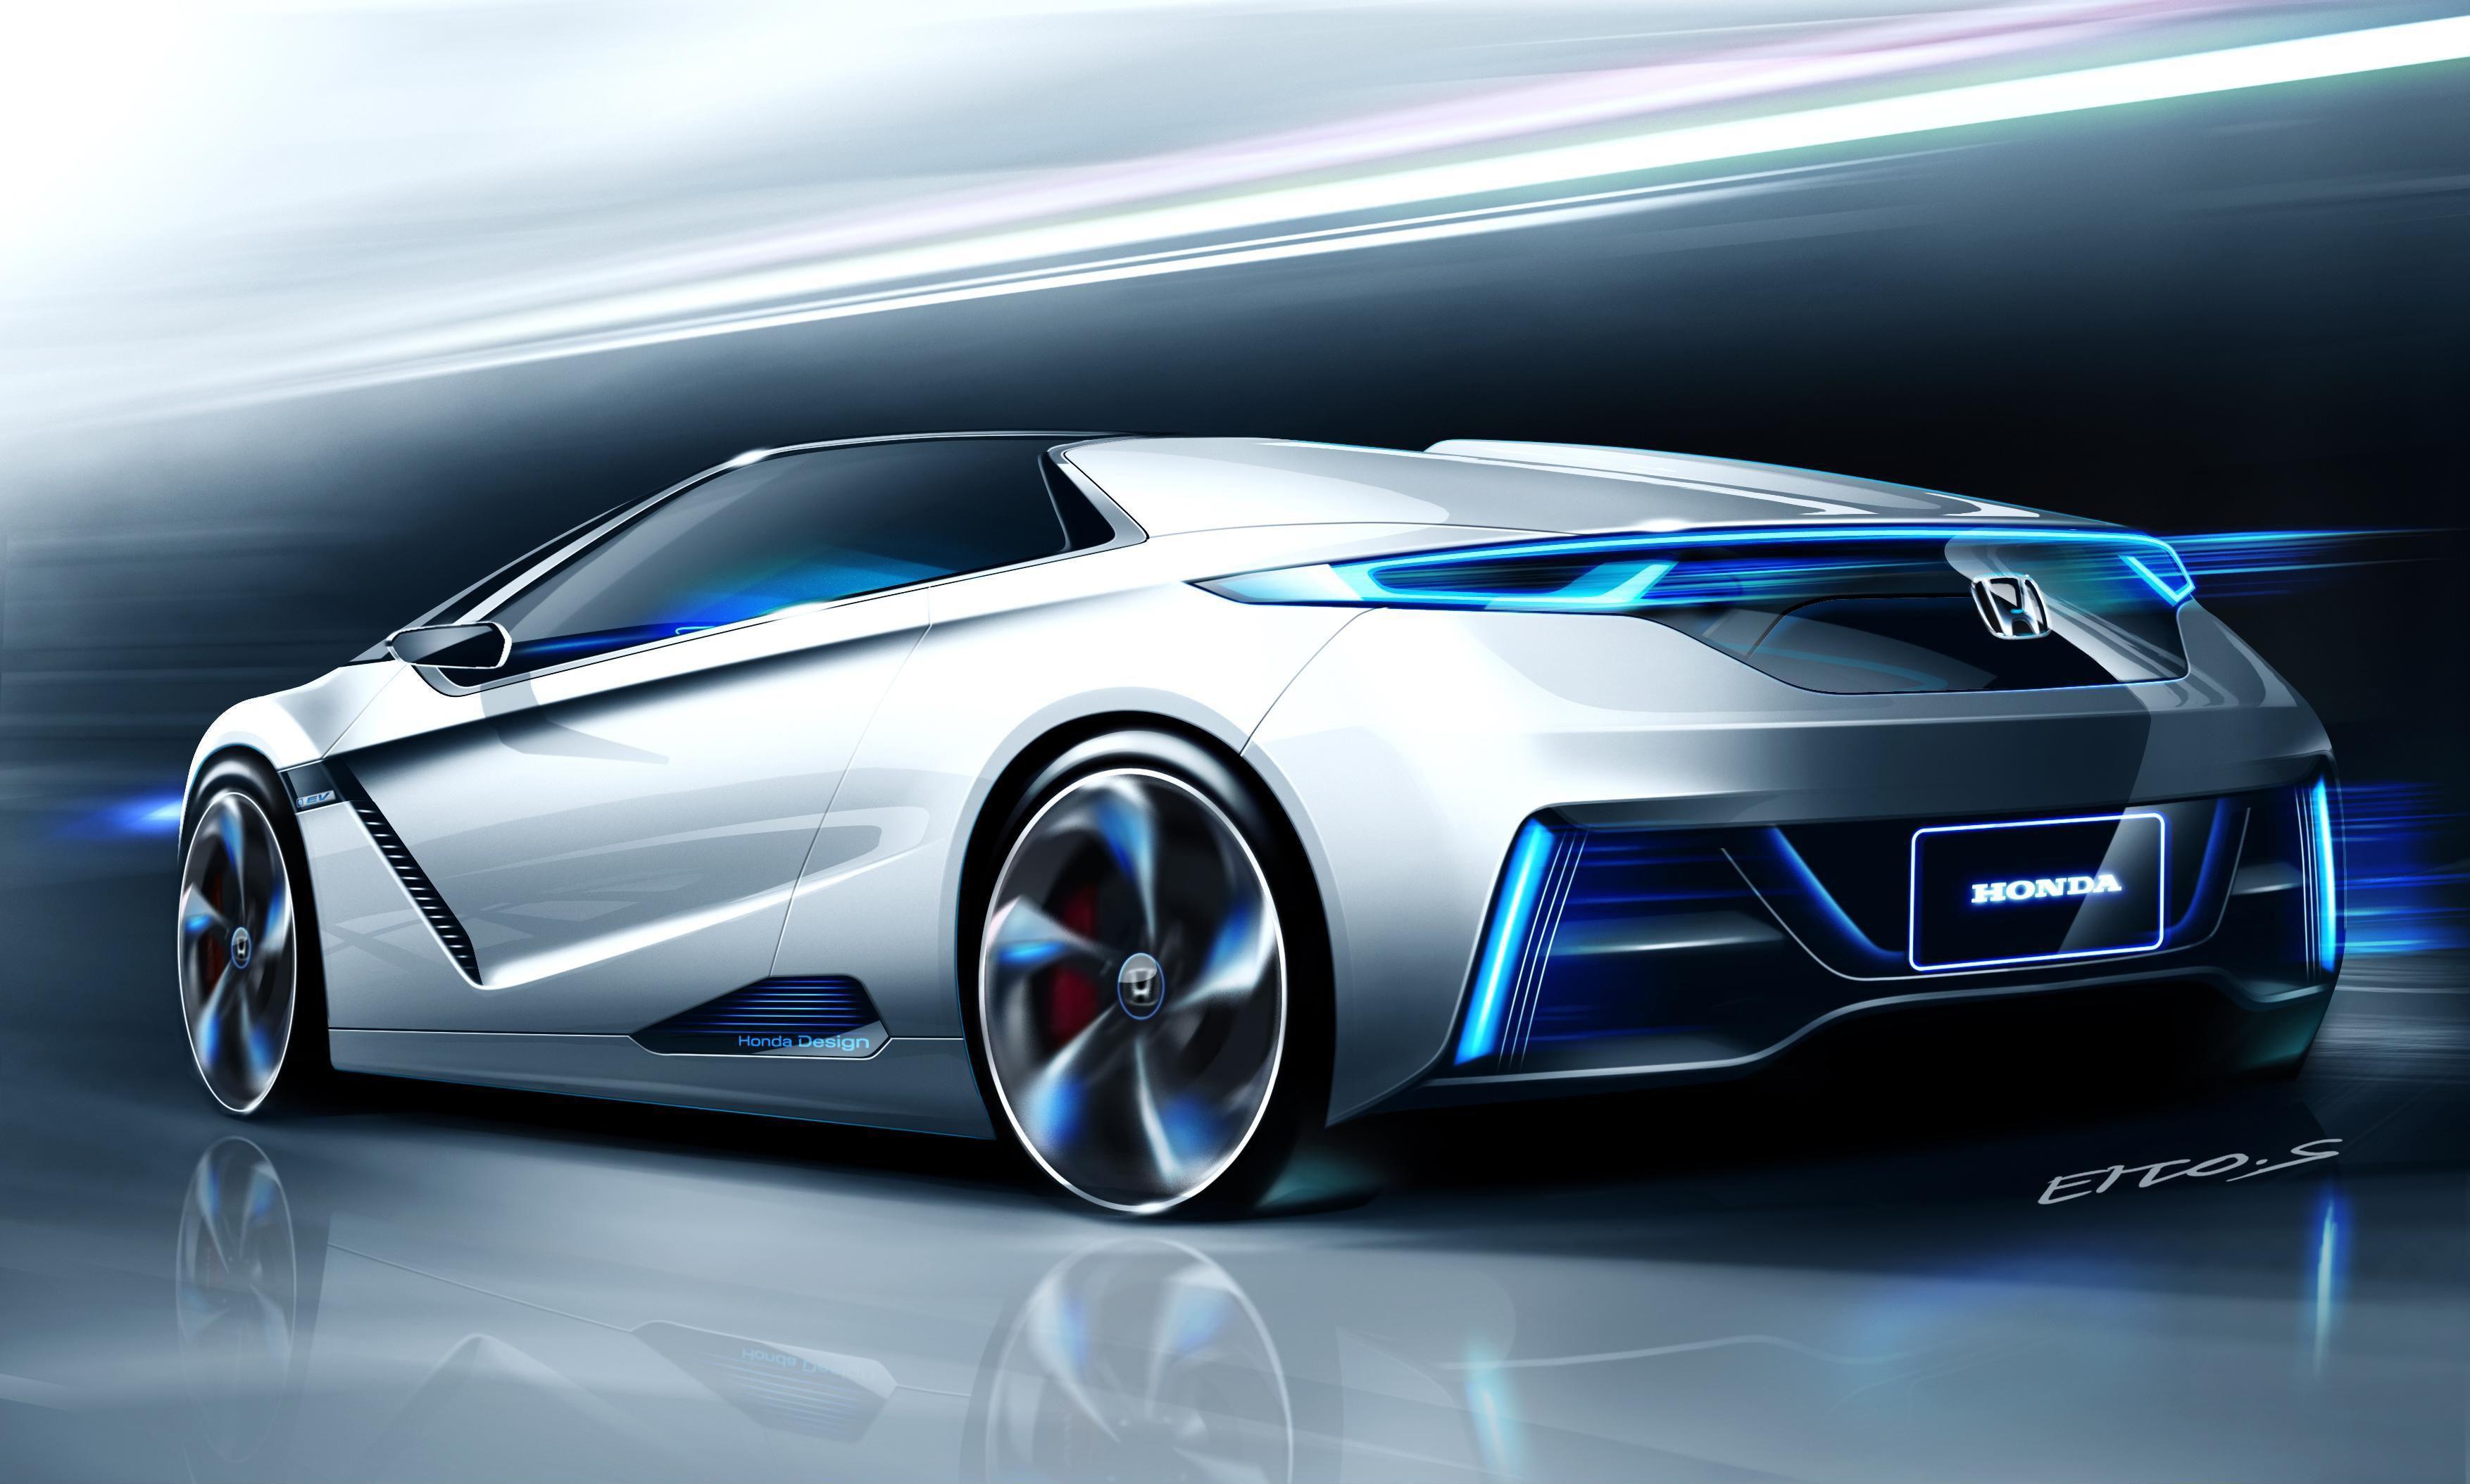 Honda Cars Hd Wallpapers Top Free Honda Cars Hd